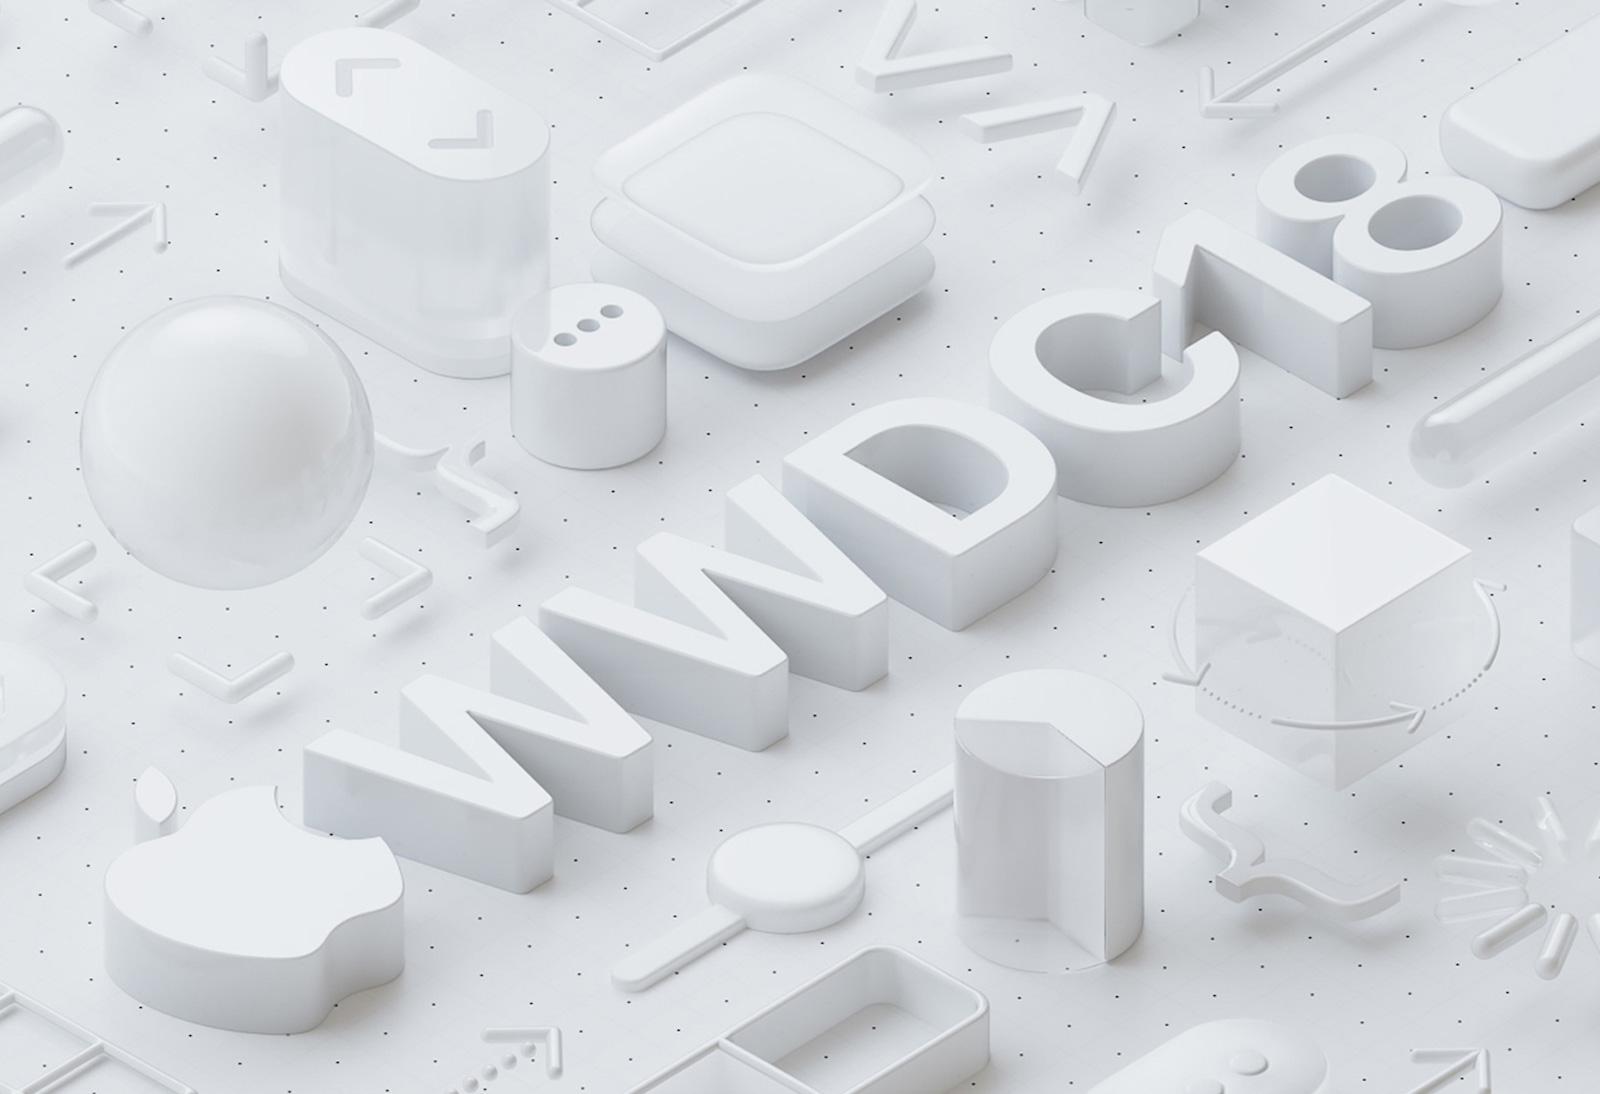 「WWDC18」の画像検索結果